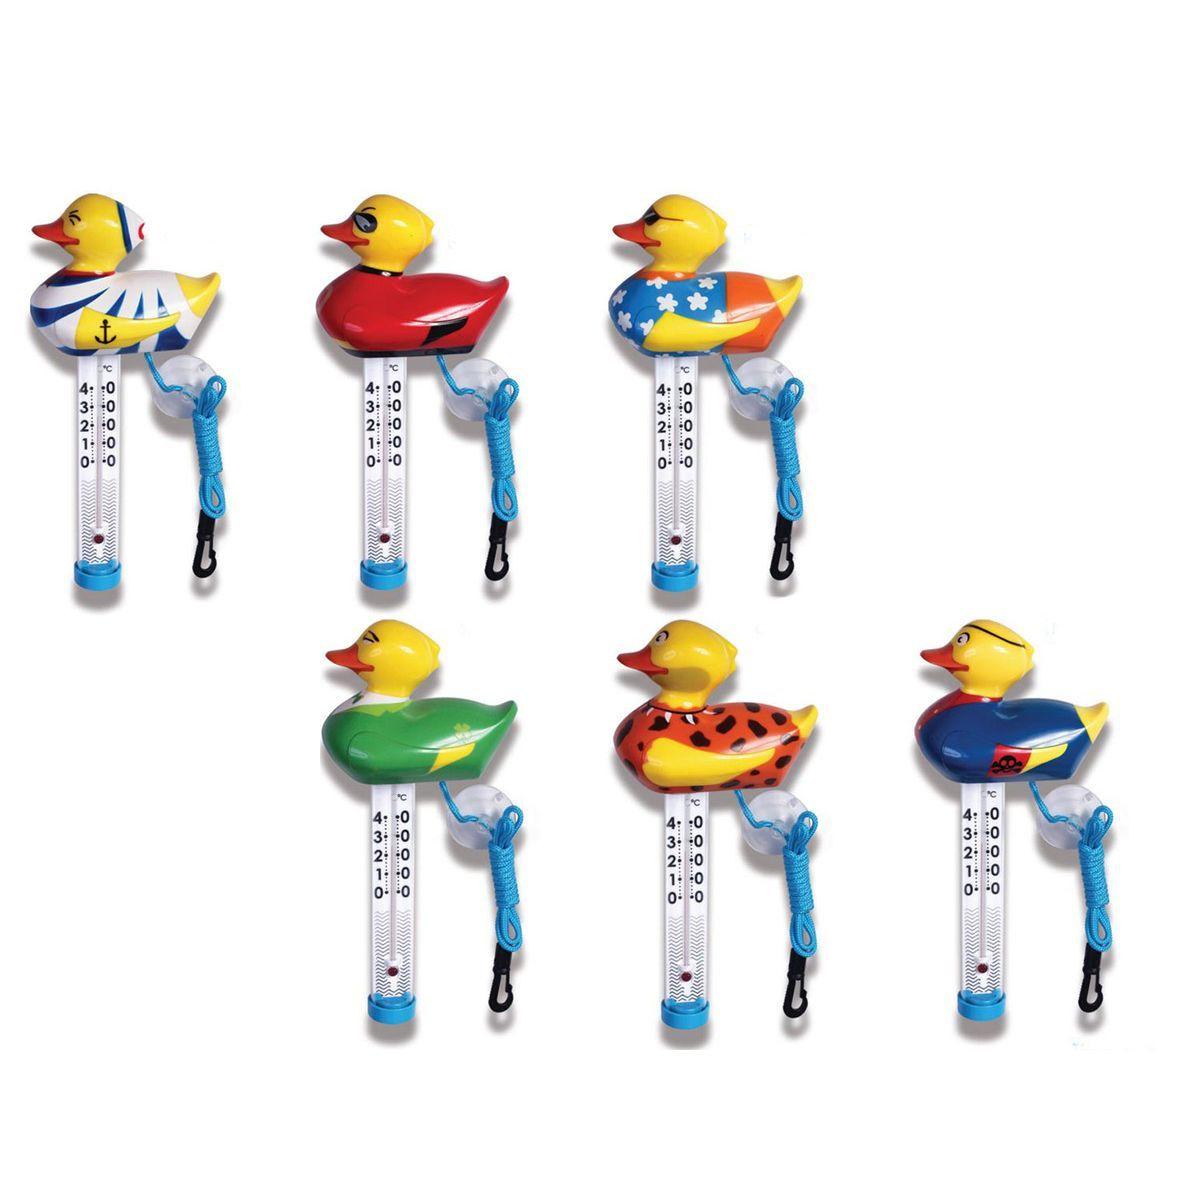 Thermomètre Mr Duck - Kokido - Taille : Taille Unique ... pour Manomano Piscine